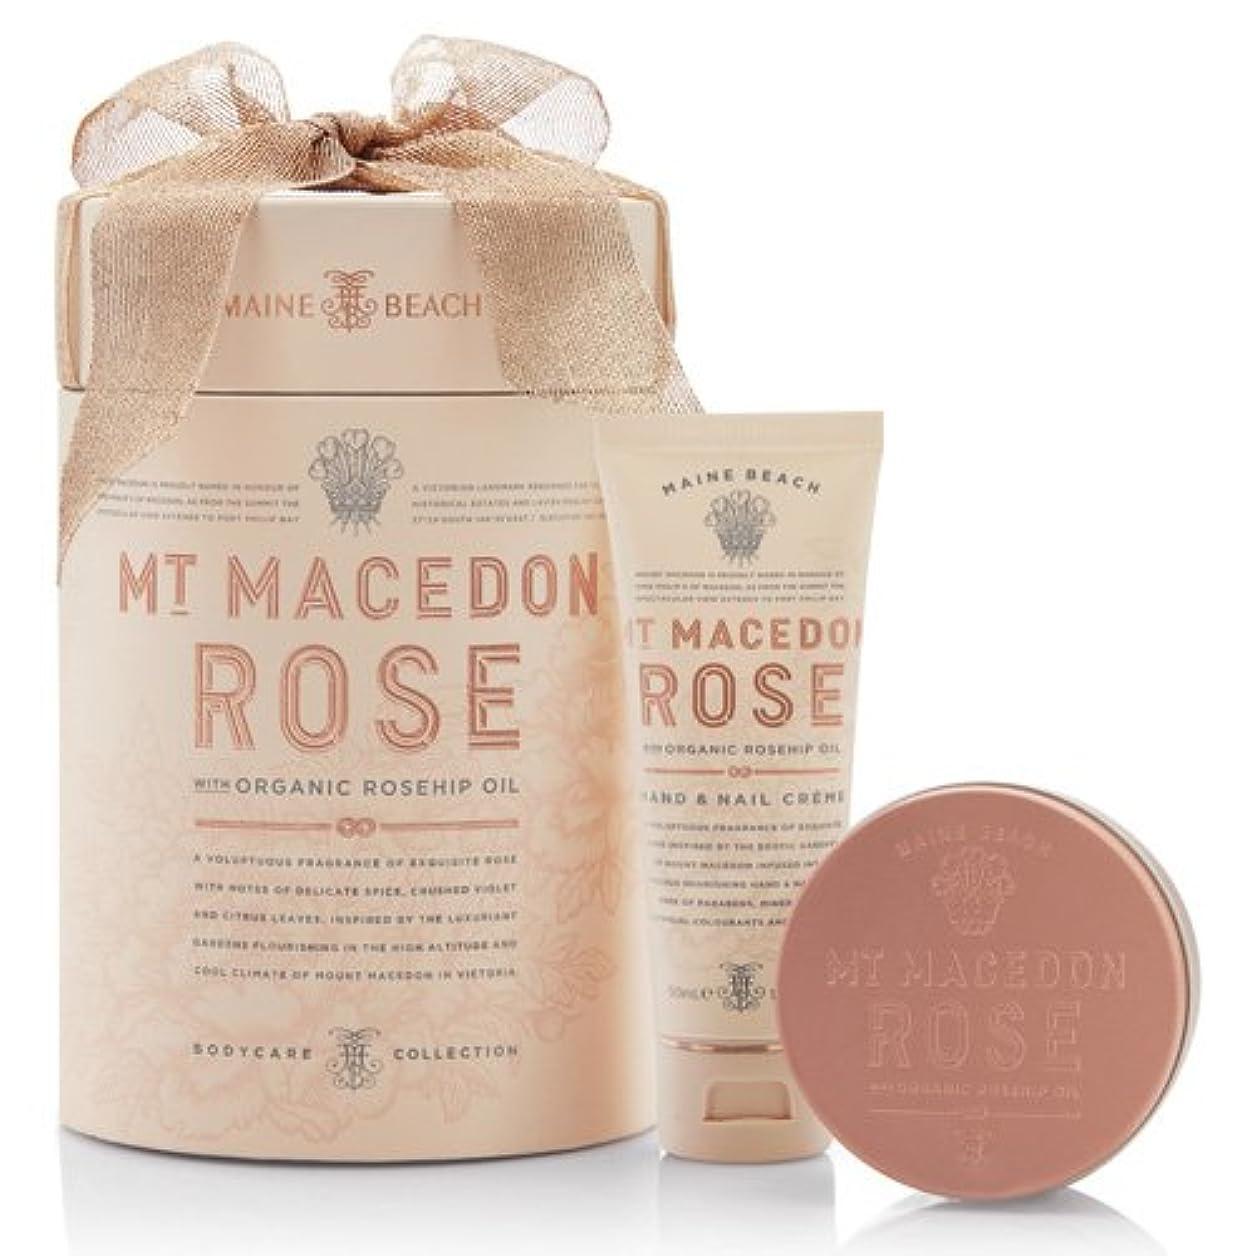 明るくする業界略語MAINE BEACH マインビーチ MT MACEDON ROSE マウント マセドン ローズ Duo Gift Pack